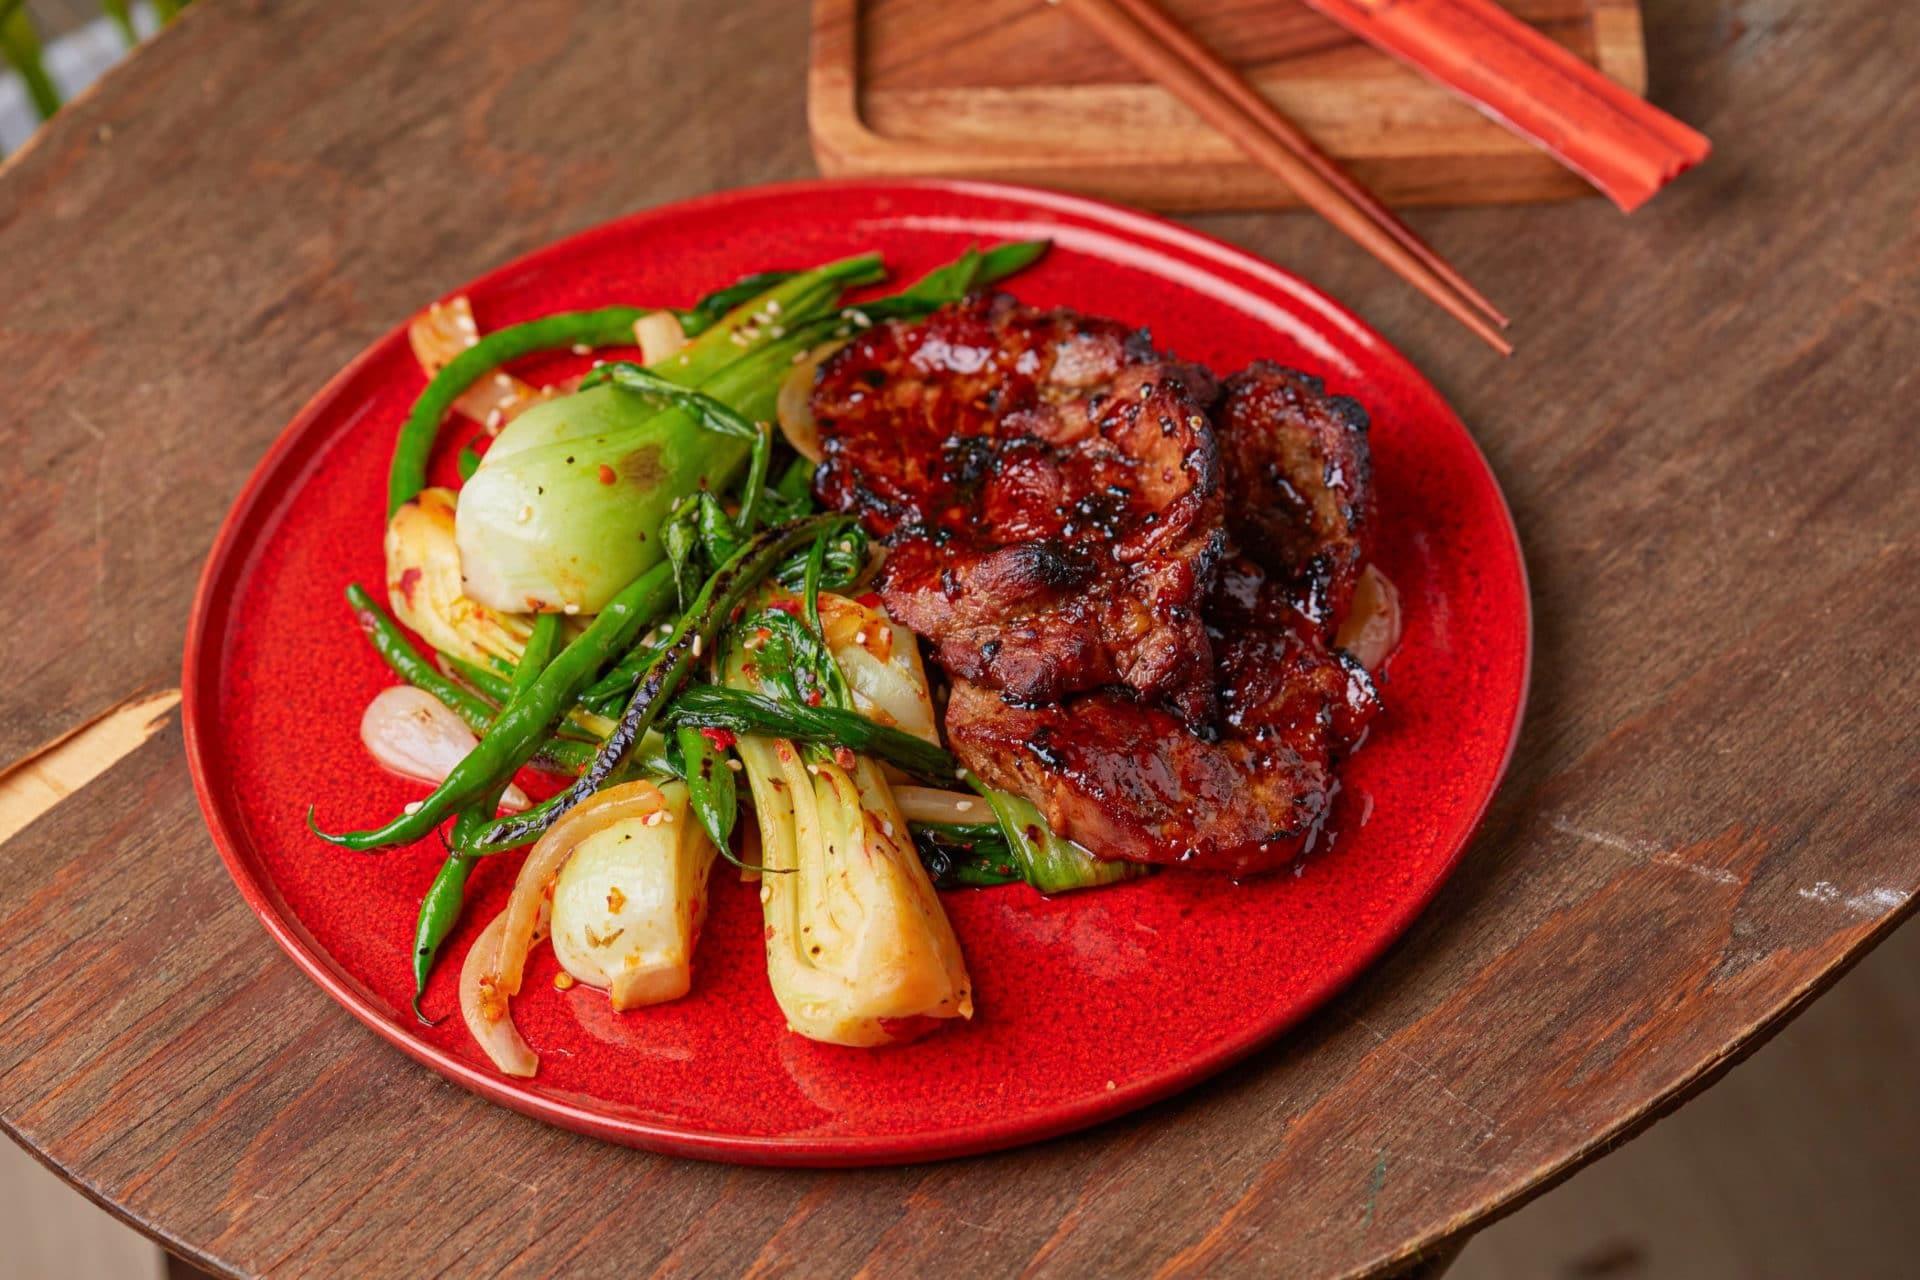 grillen szójás-mézes tarja, szezámos grill pok choi és zöldbab_2 (Egyedi)